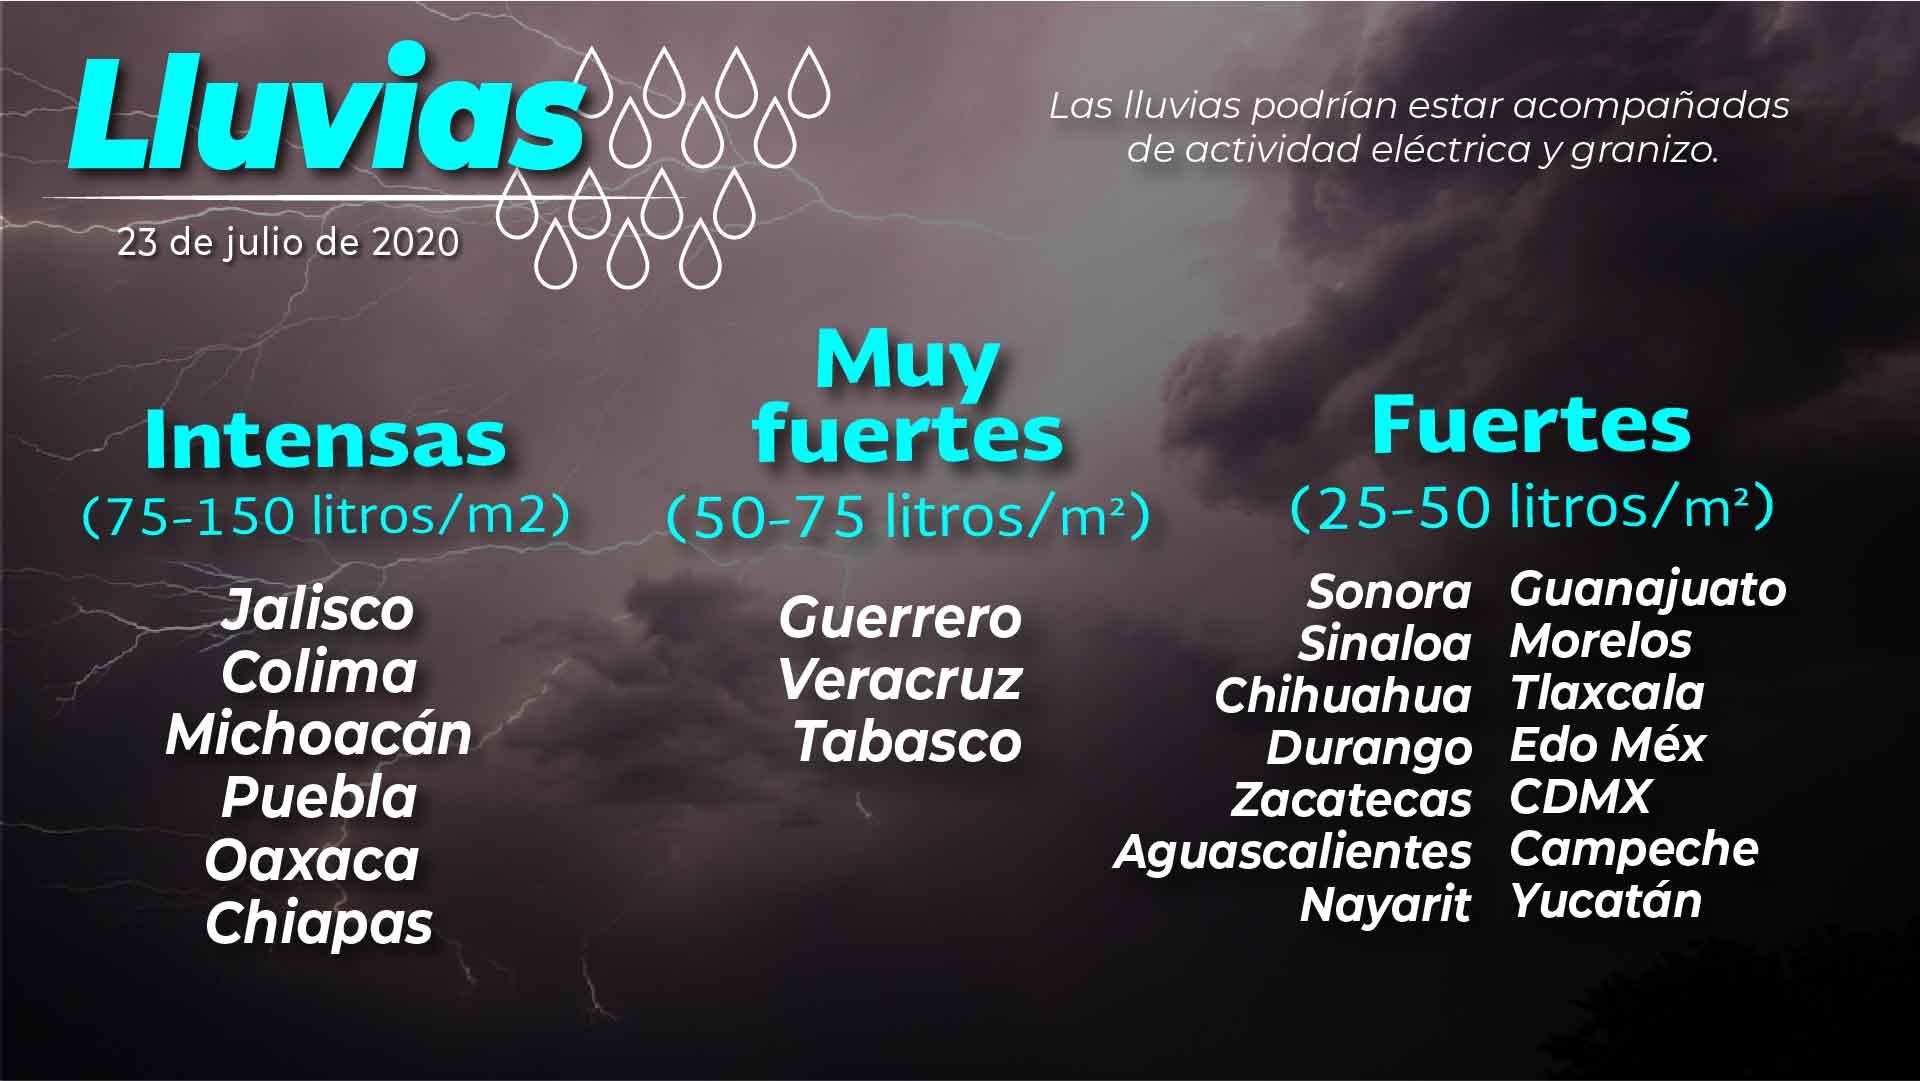 En las próximas horas, se pronostican lluvias intensas para Chiapas, Colima, Jalisco, Michoacán, Oaxaca, Puebla y Veracruz